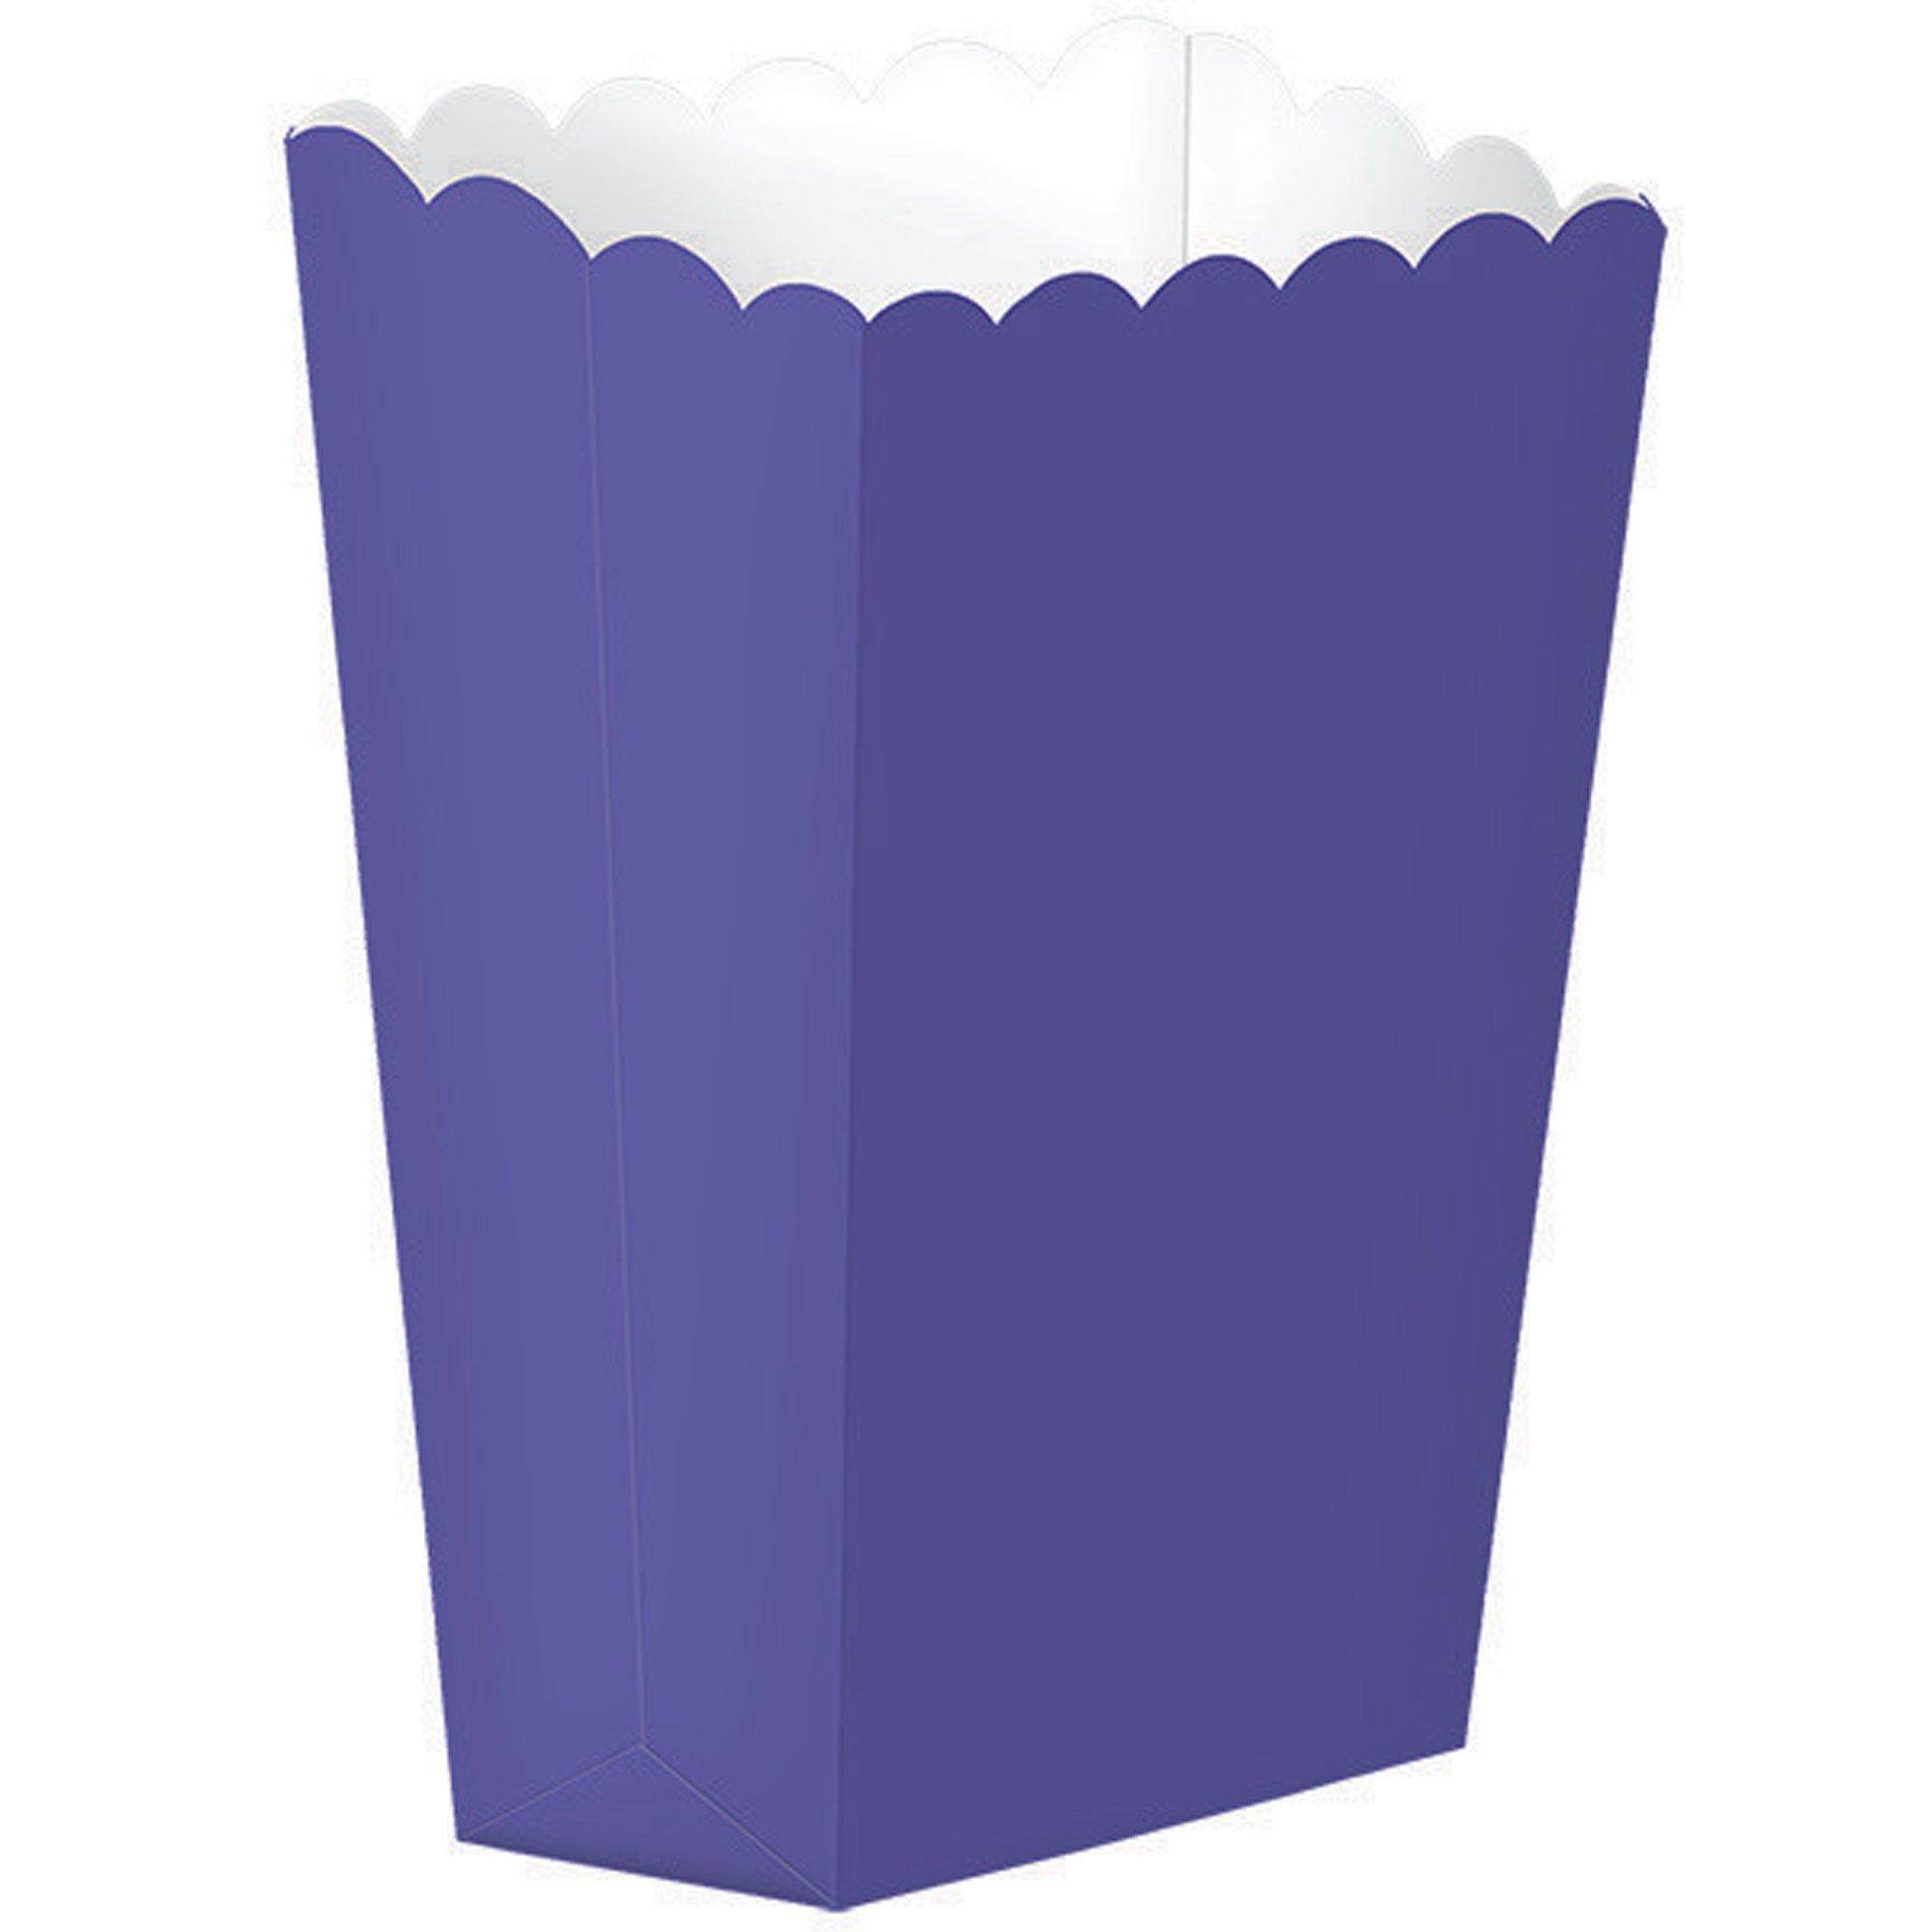 Popcorn Favor Boxes Small New Purple